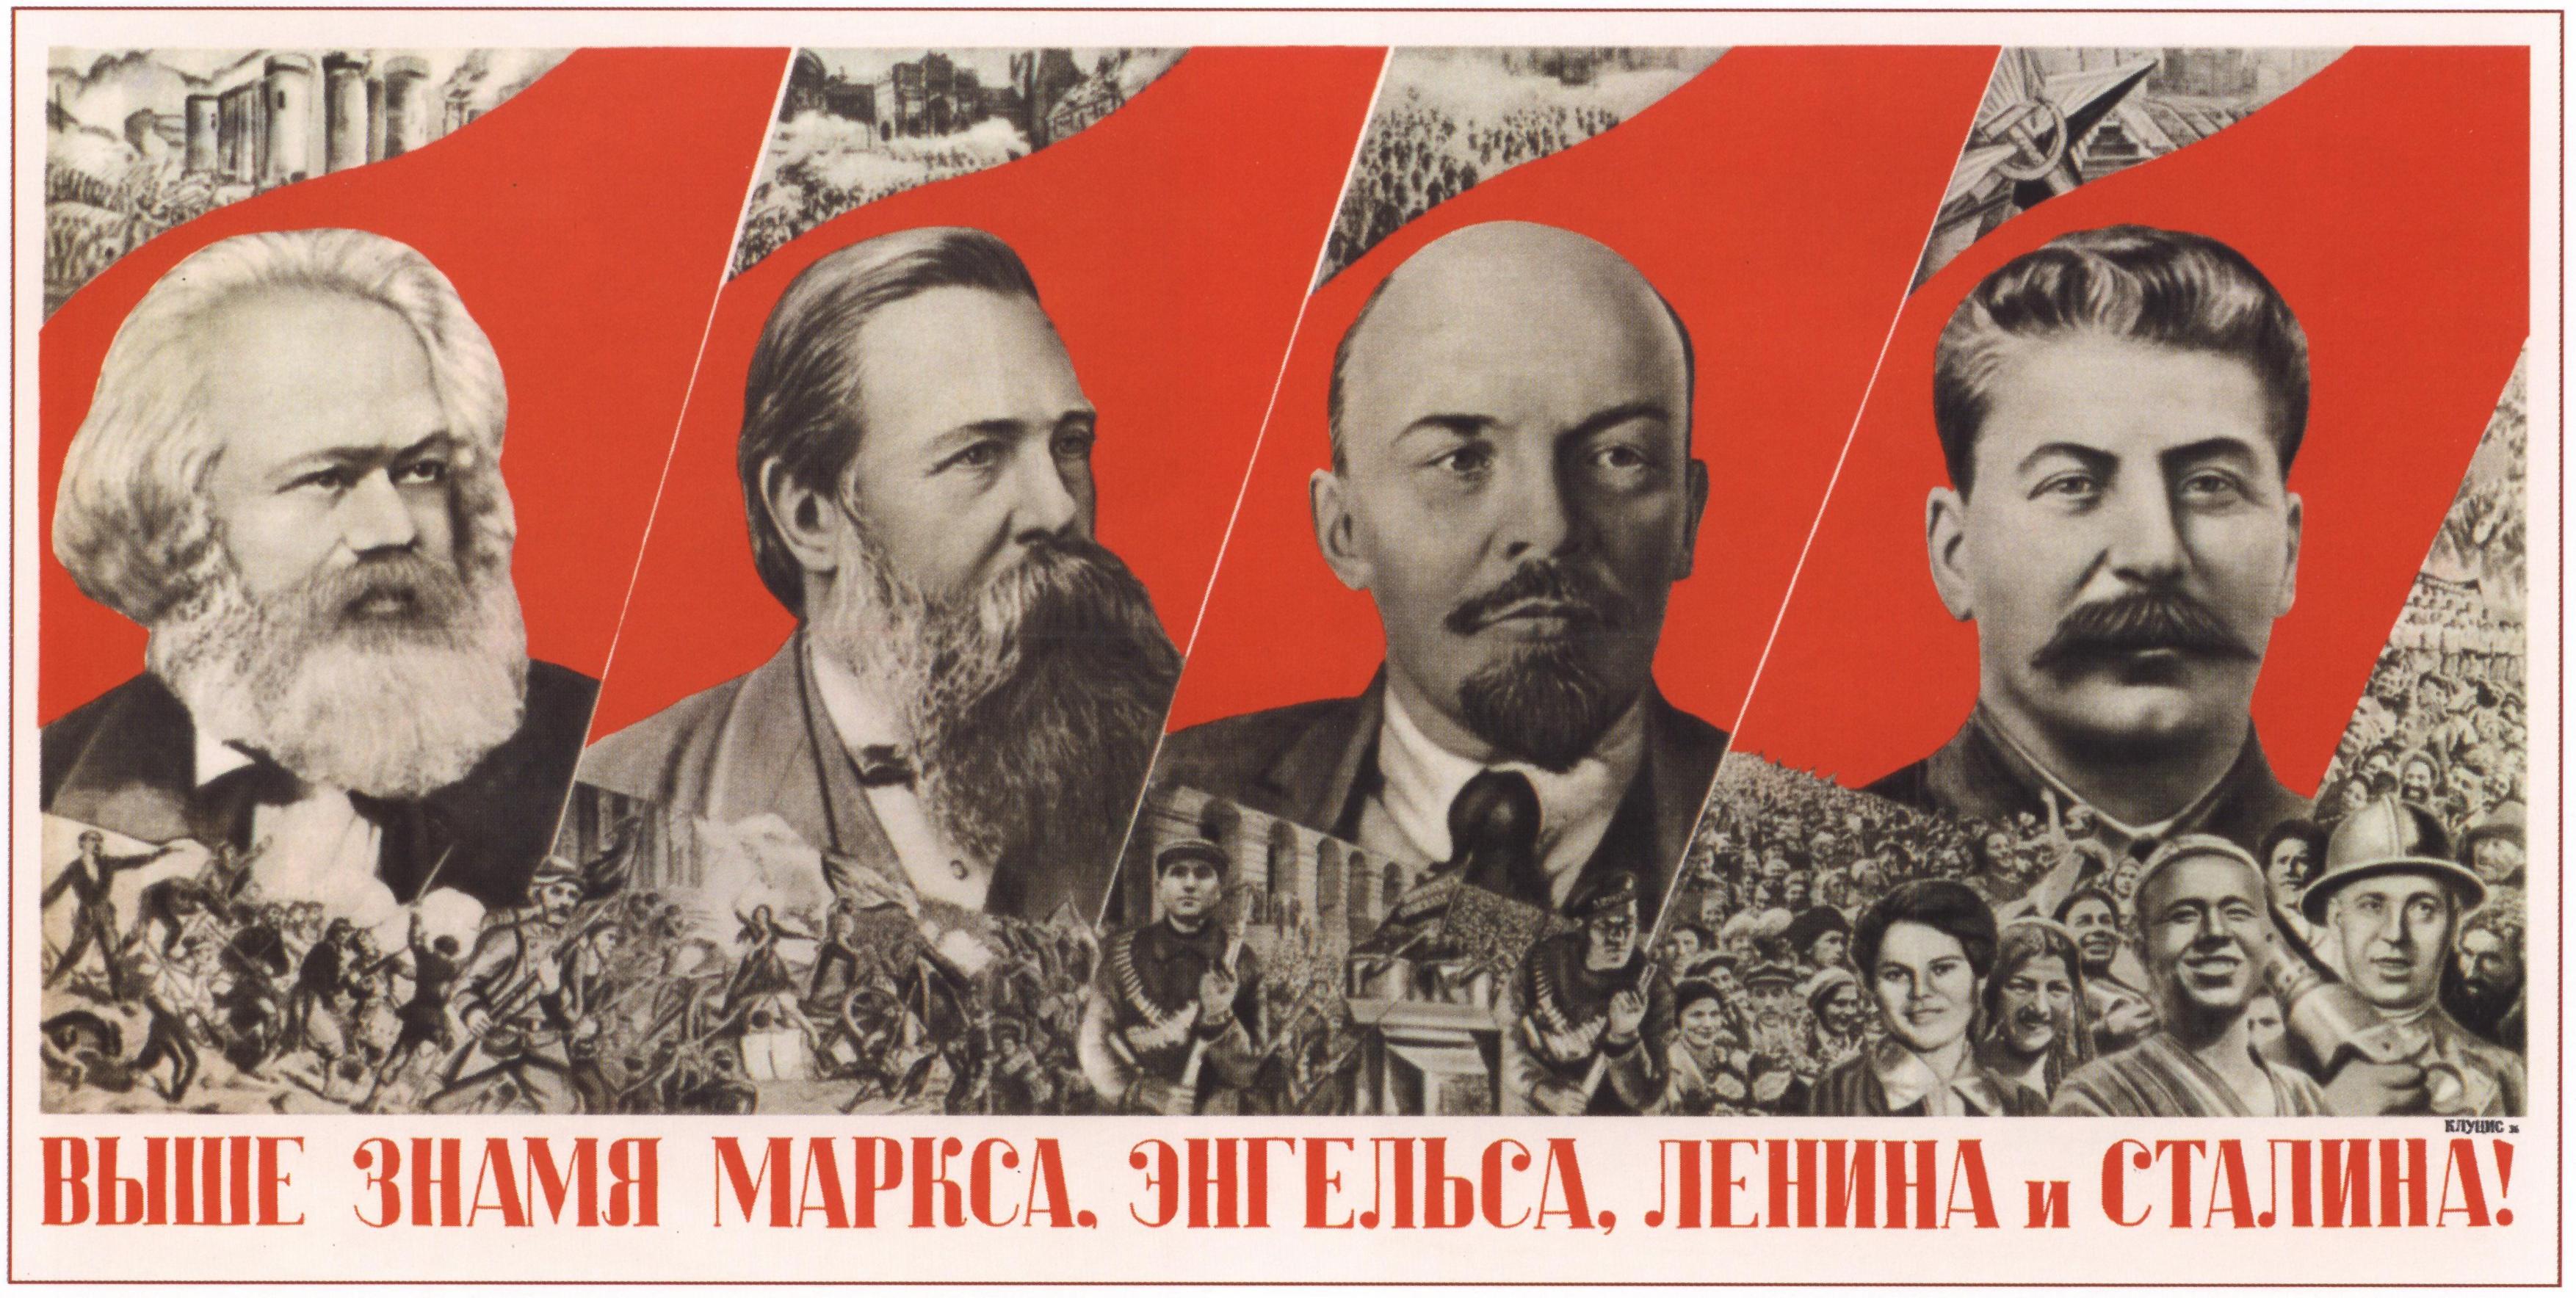 Выше знамя Ленина-Сталина. Коммунистические Плакаты СССР - Социализм и Коммунизм.